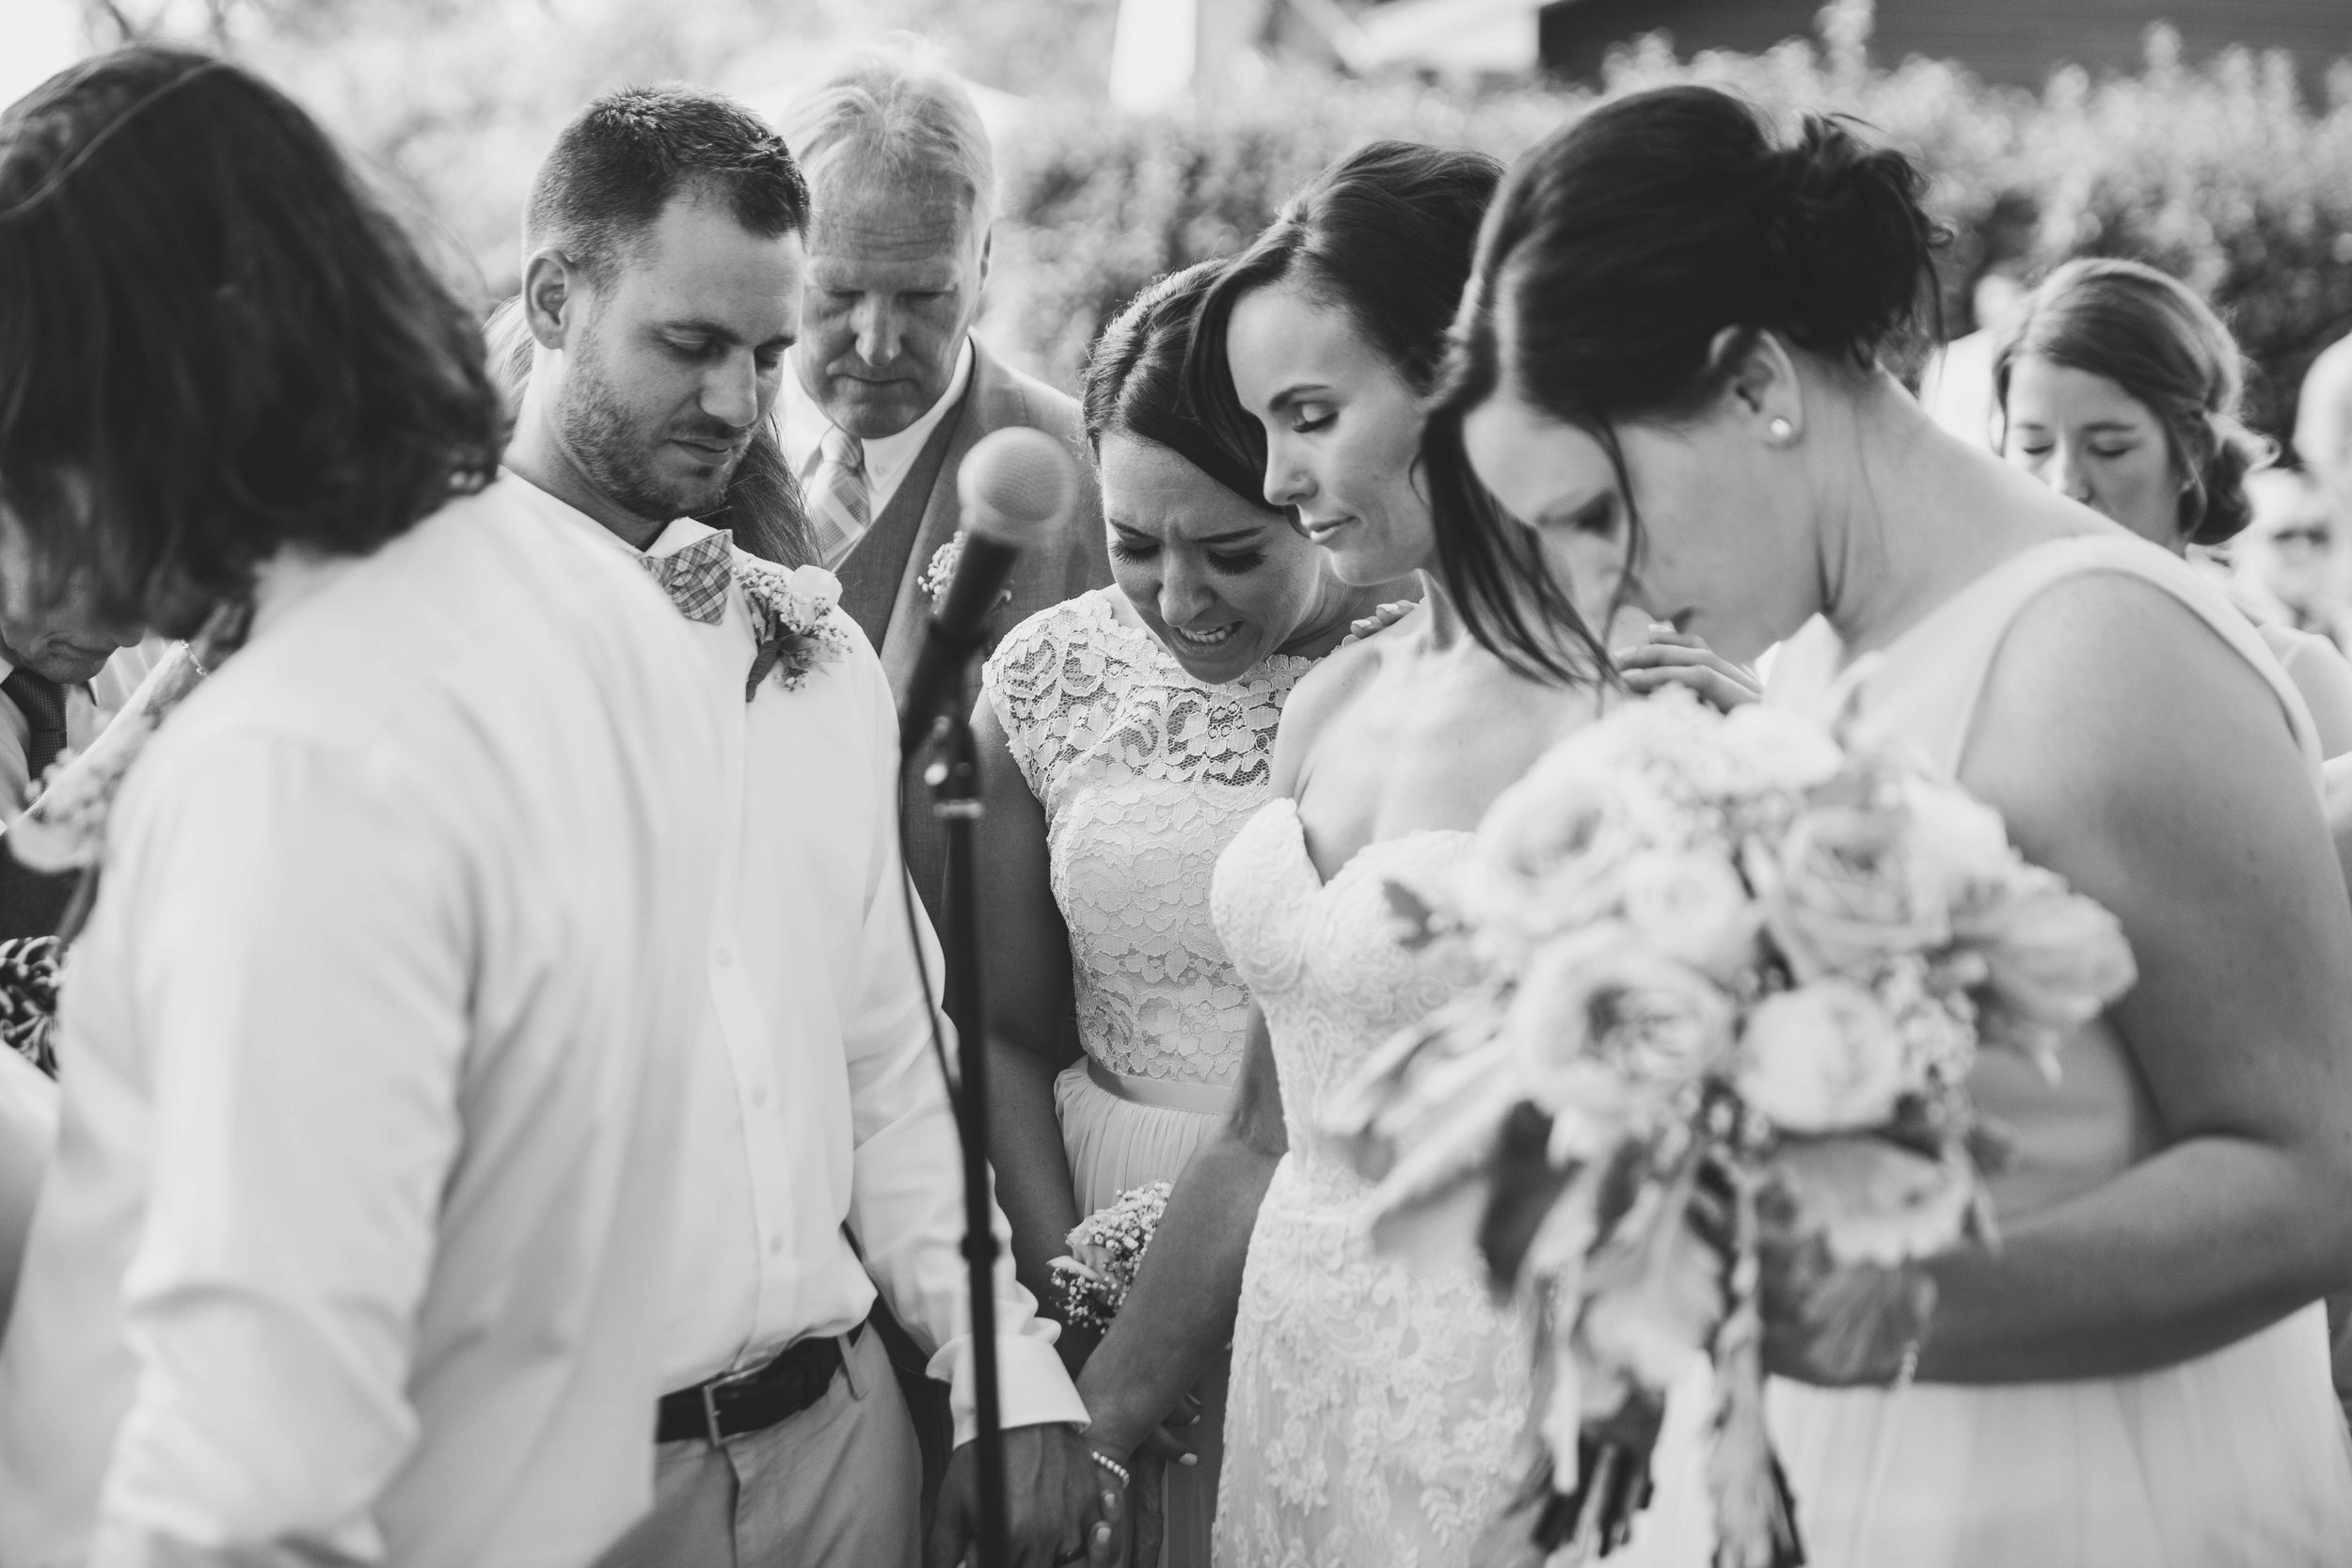 ATGI_Susanna & Matt Wedding_717A7843.jpg